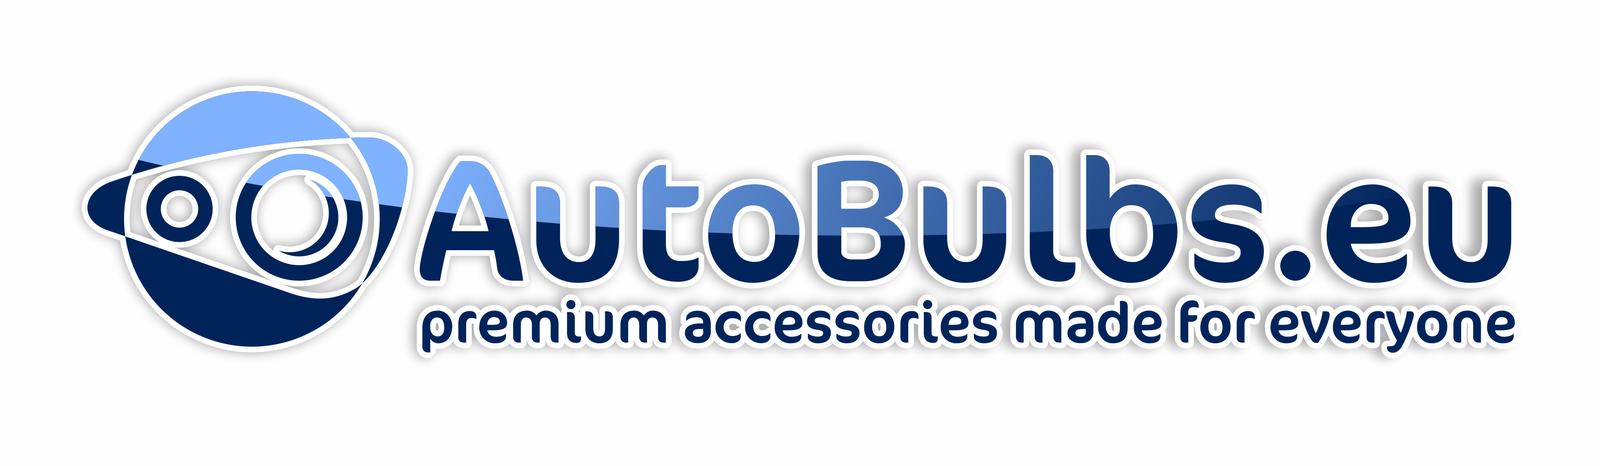 AutoBulbs.eu